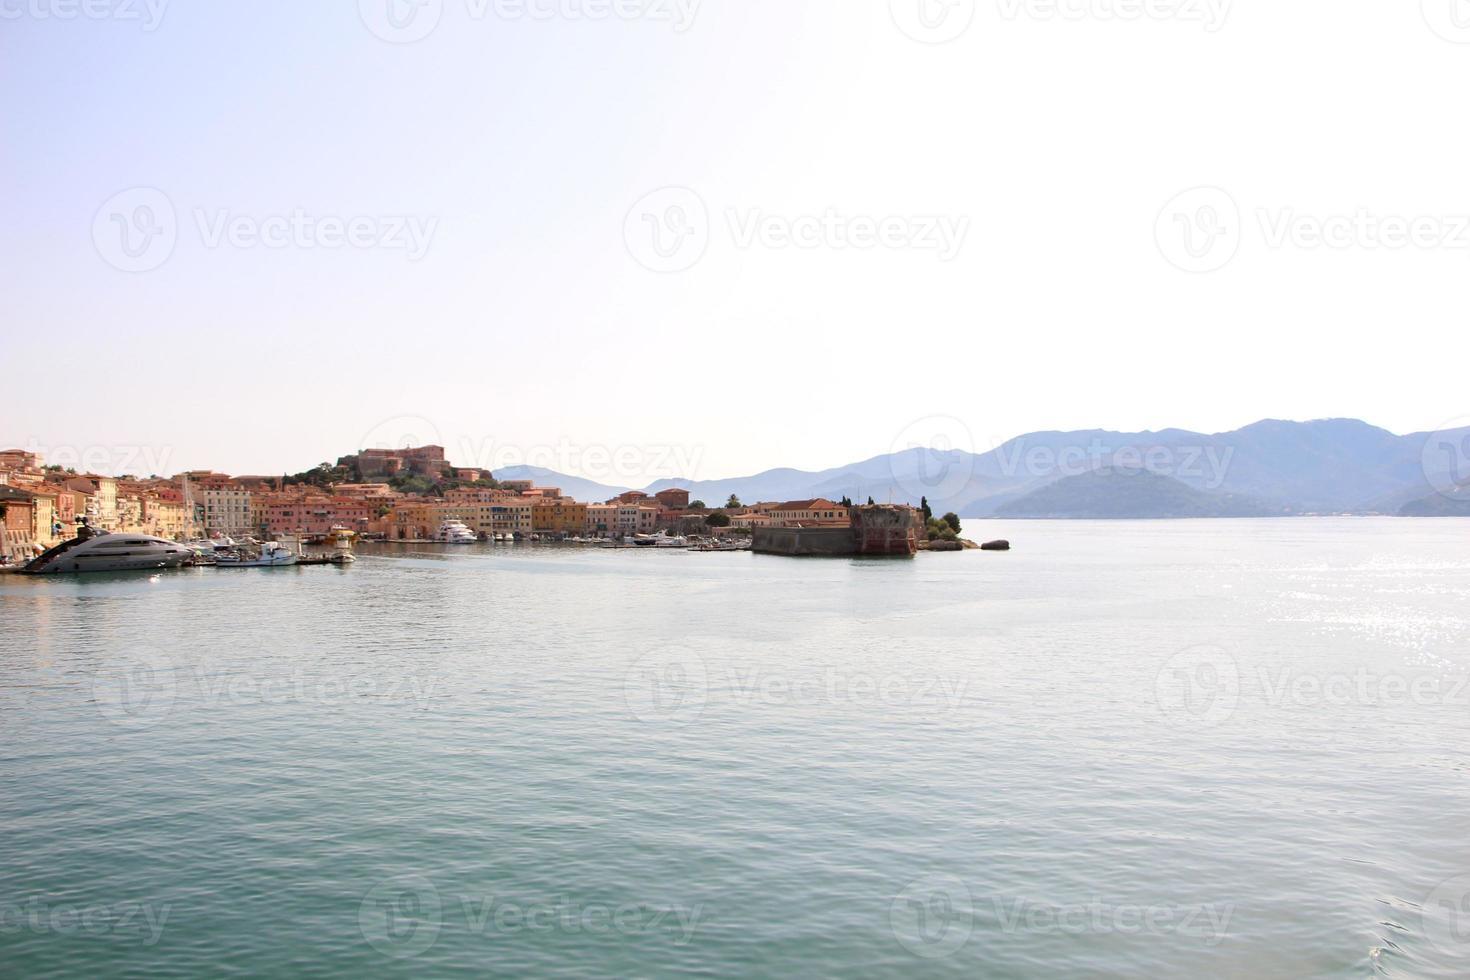 portoferraio - panorama compositie foto